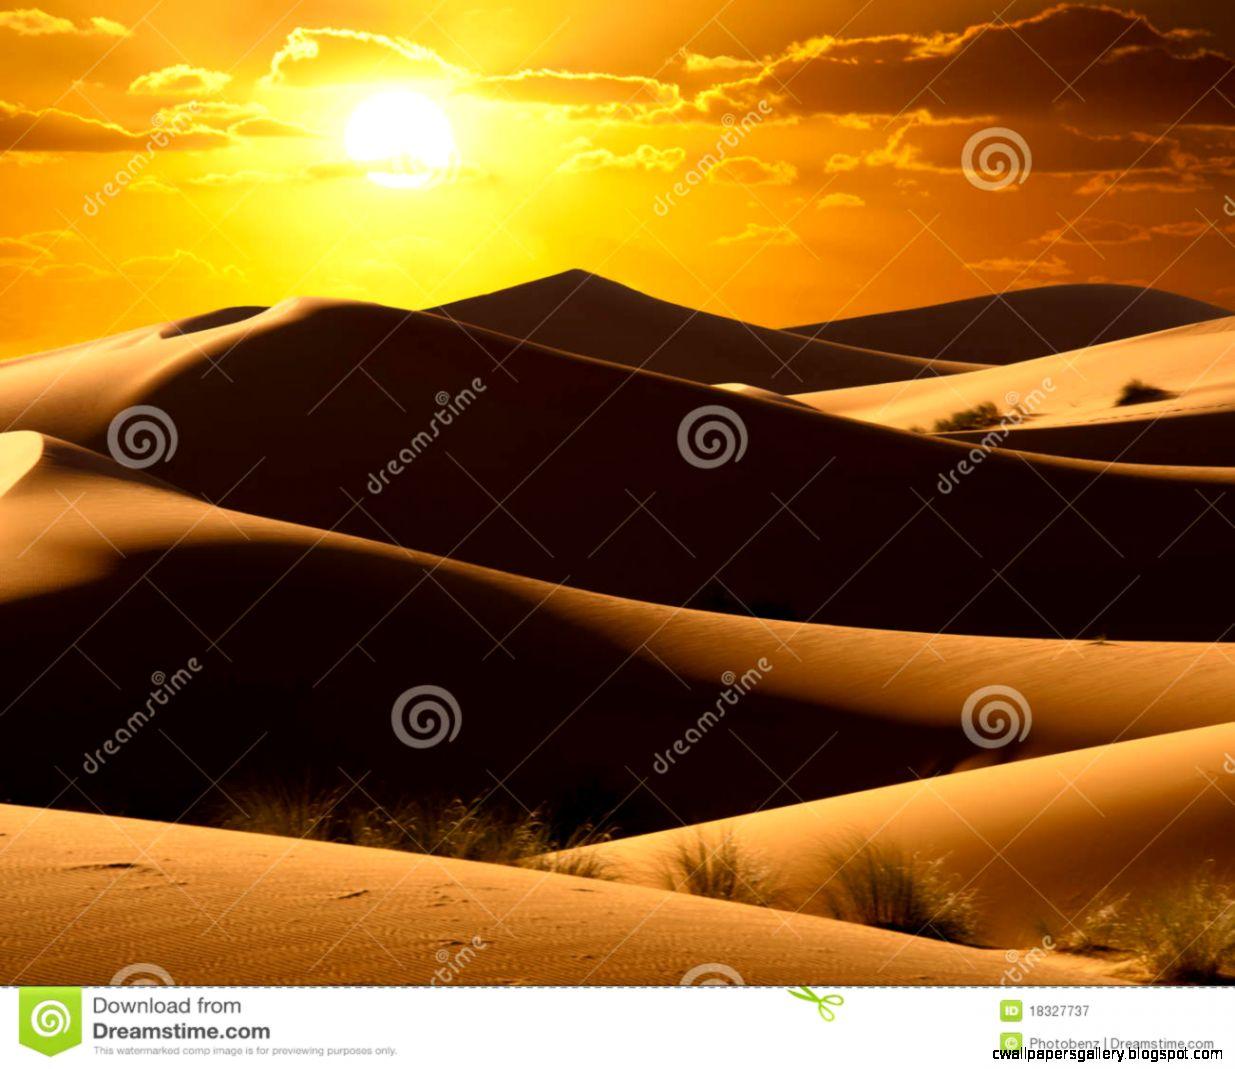 Orange Desert Sunrise Royalty Free Stock Photography   Image 18327737